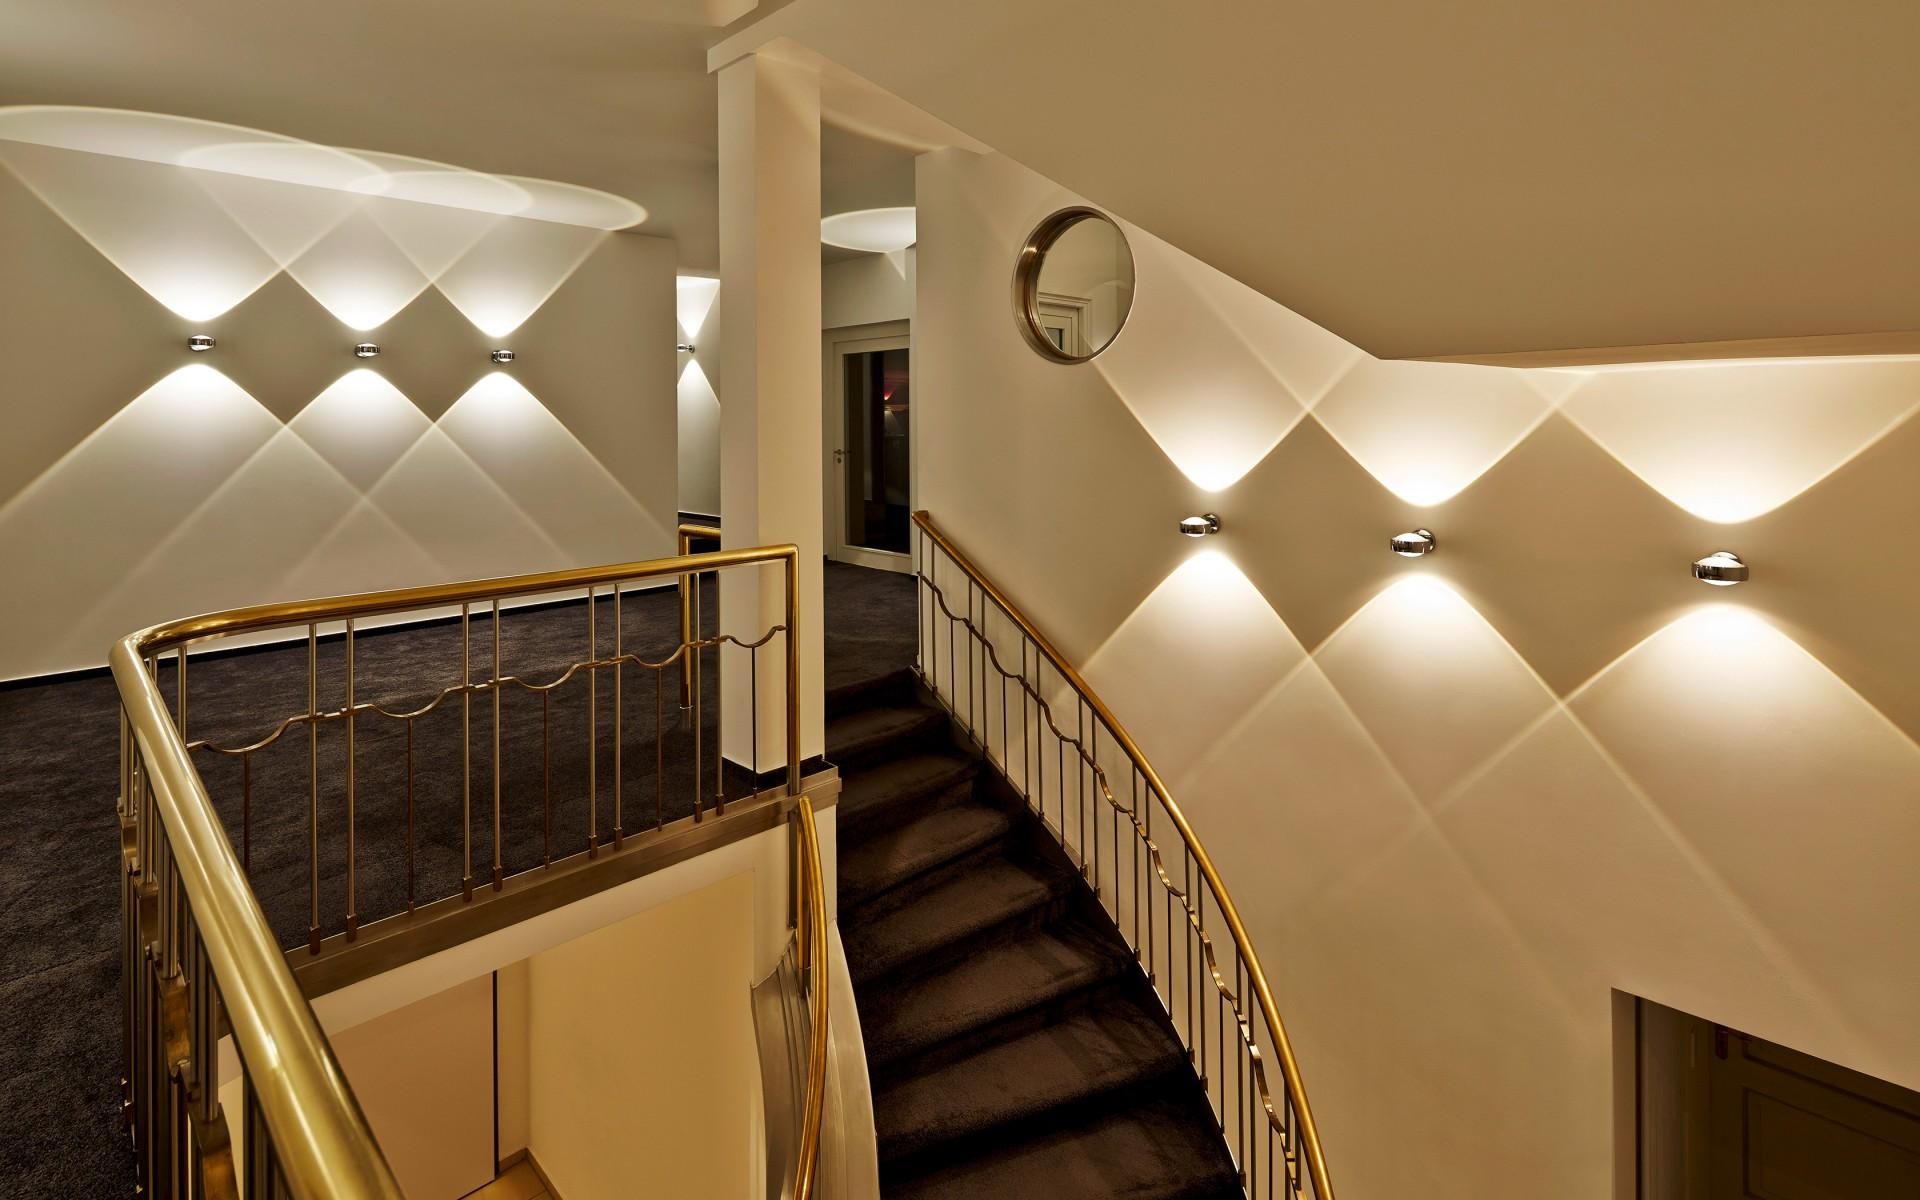 sento die led revolution muenchenarchitektur. Black Bedroom Furniture Sets. Home Design Ideas